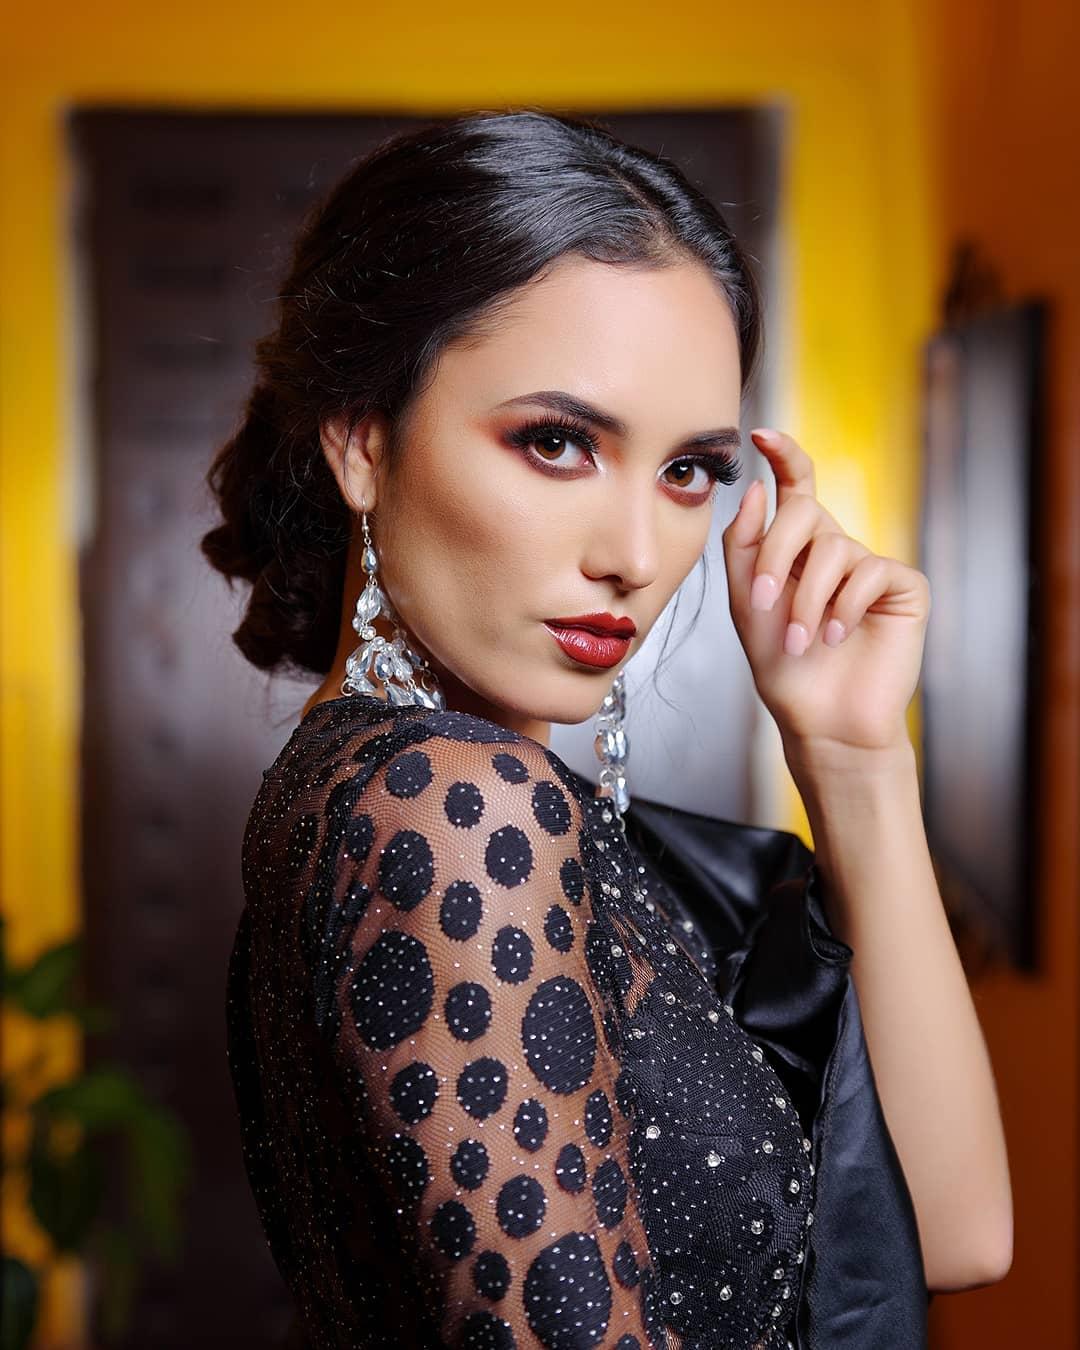 karolina vidales, candidata a miss mexico 2020, representando michoacan. - Página 8 67395310